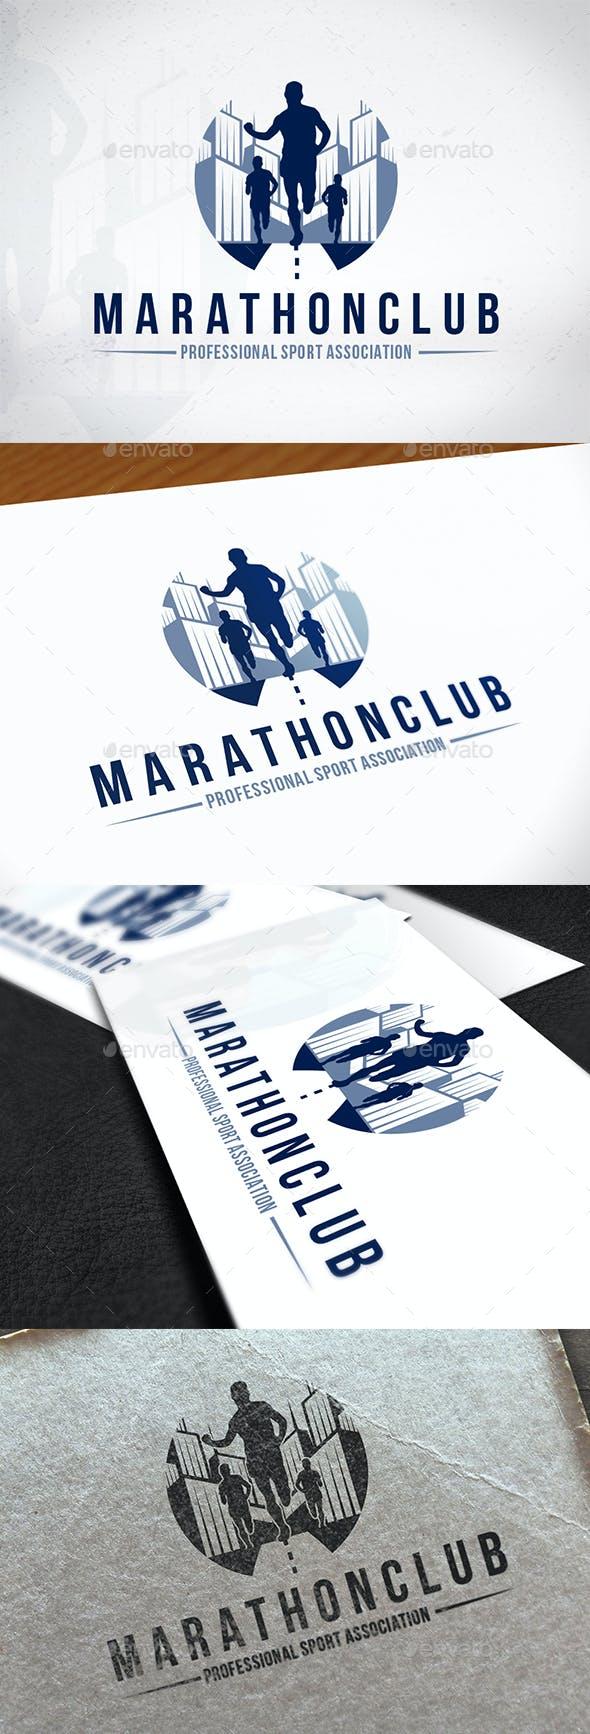 Marathon Club Logo Design